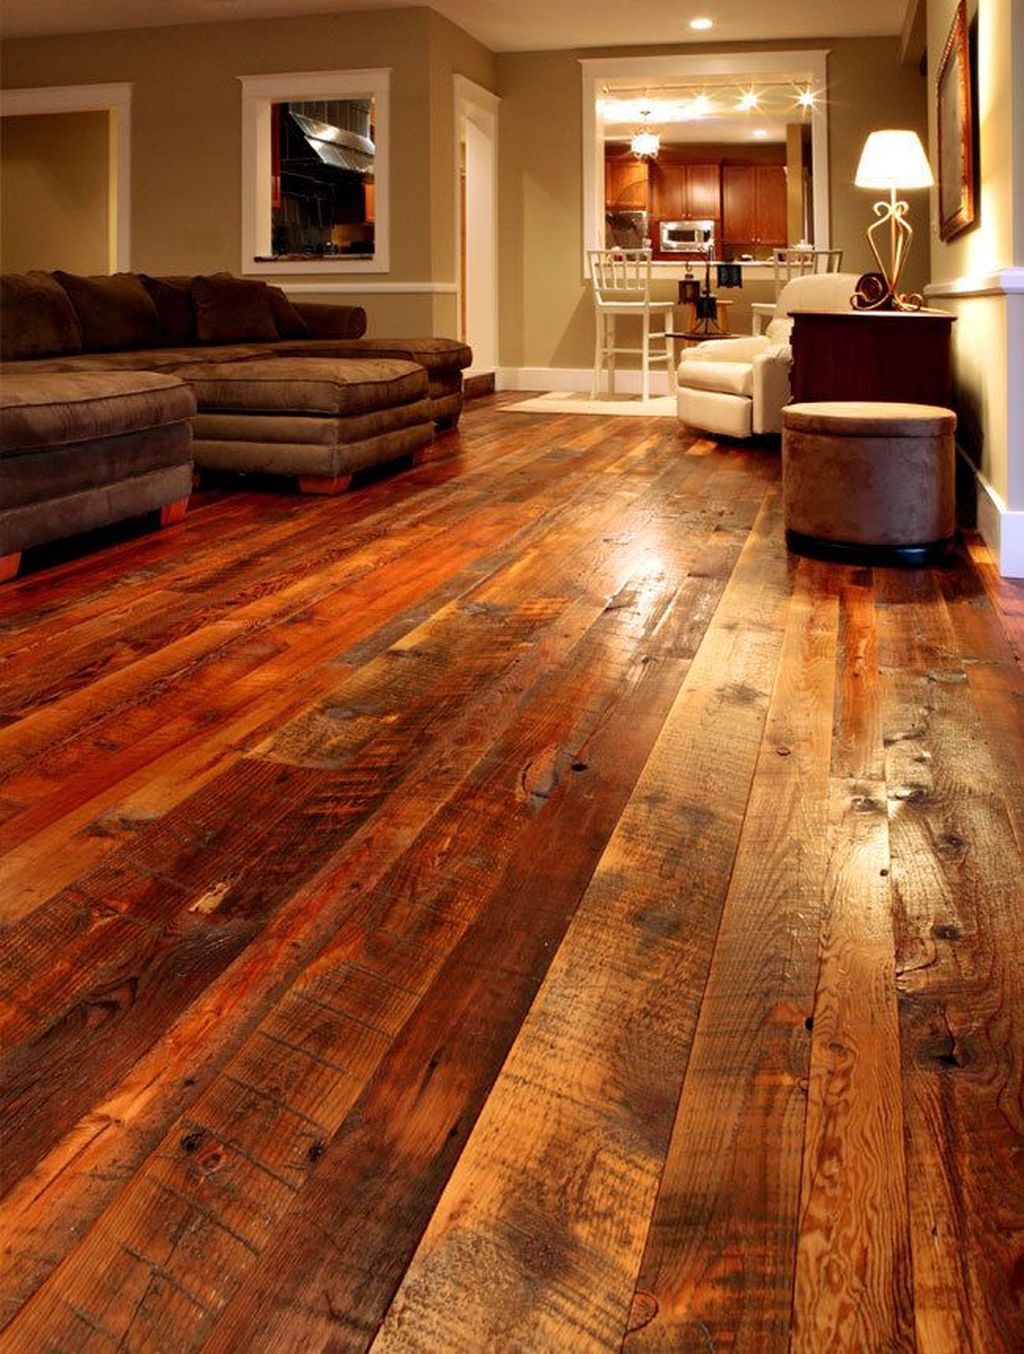 Inspiring Rustic Wooden Floor Living Room Design21